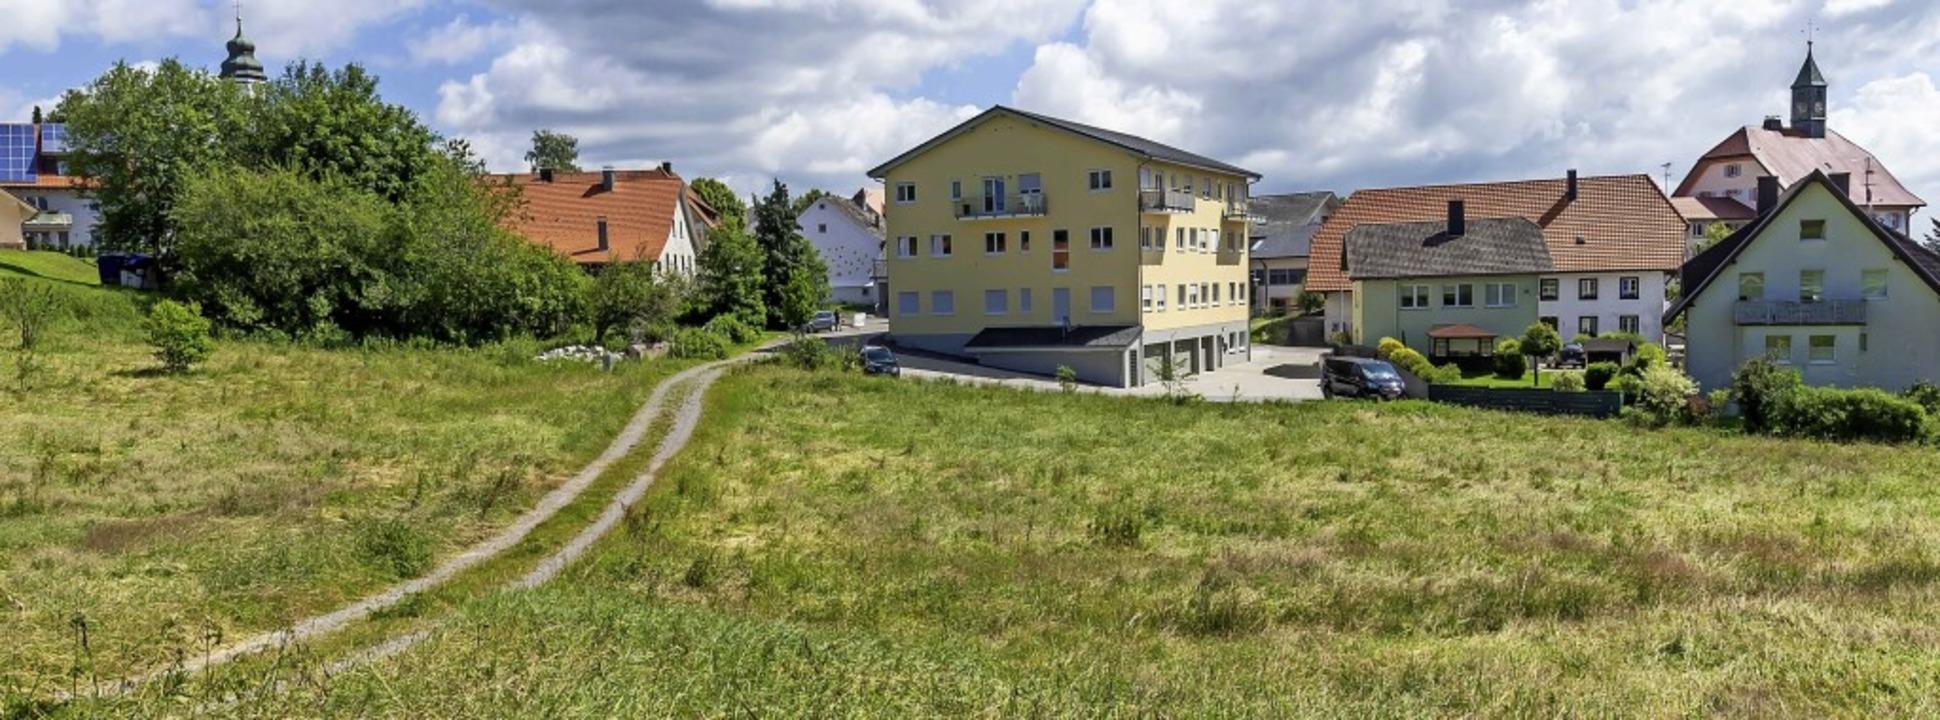 Nicht nur das Ärztezentrum, auch die g... neues Kindergartengebäude entstehen.     Foto: Wilfried Dieckmann